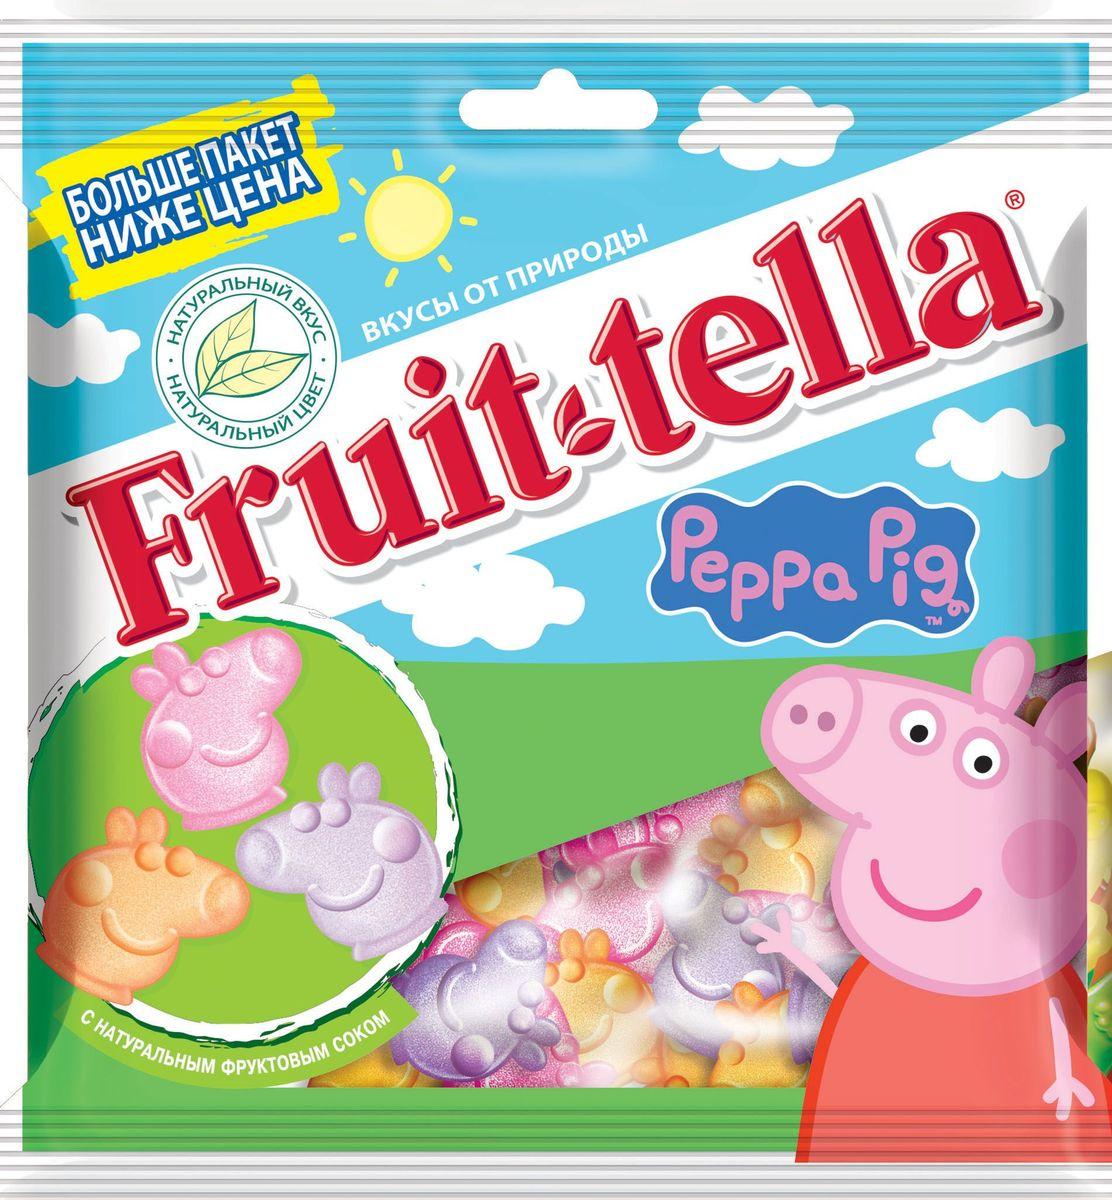 Fruittella Peppa Pig жевательный мармелад, 150 г